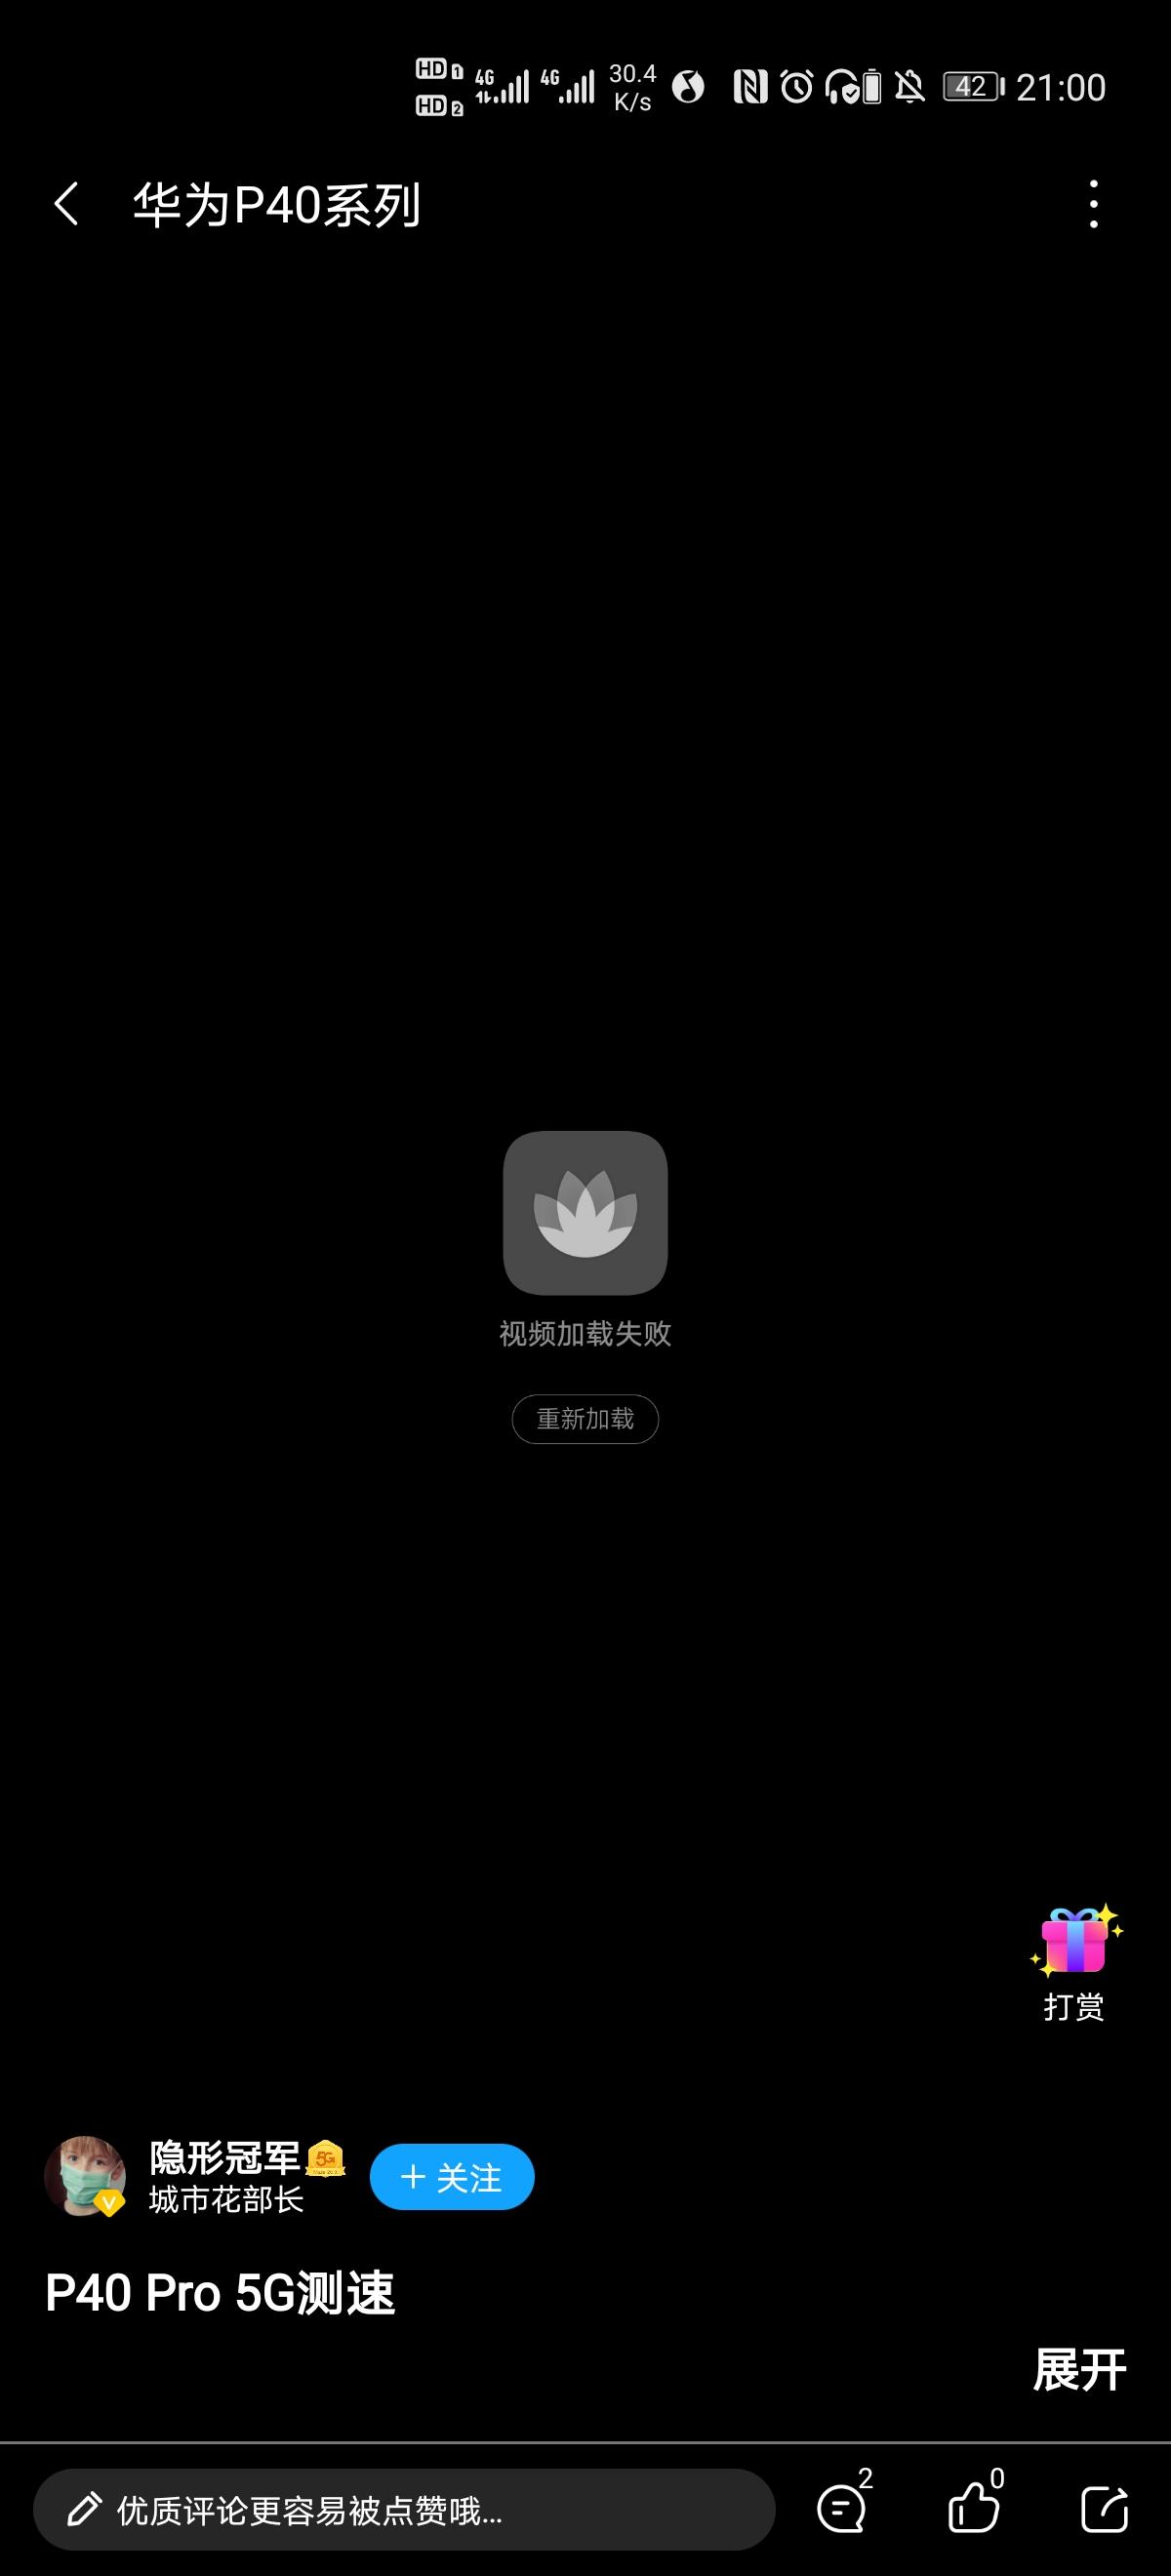 Screenshot_20200508_210040_com.huawei.fans.jpg